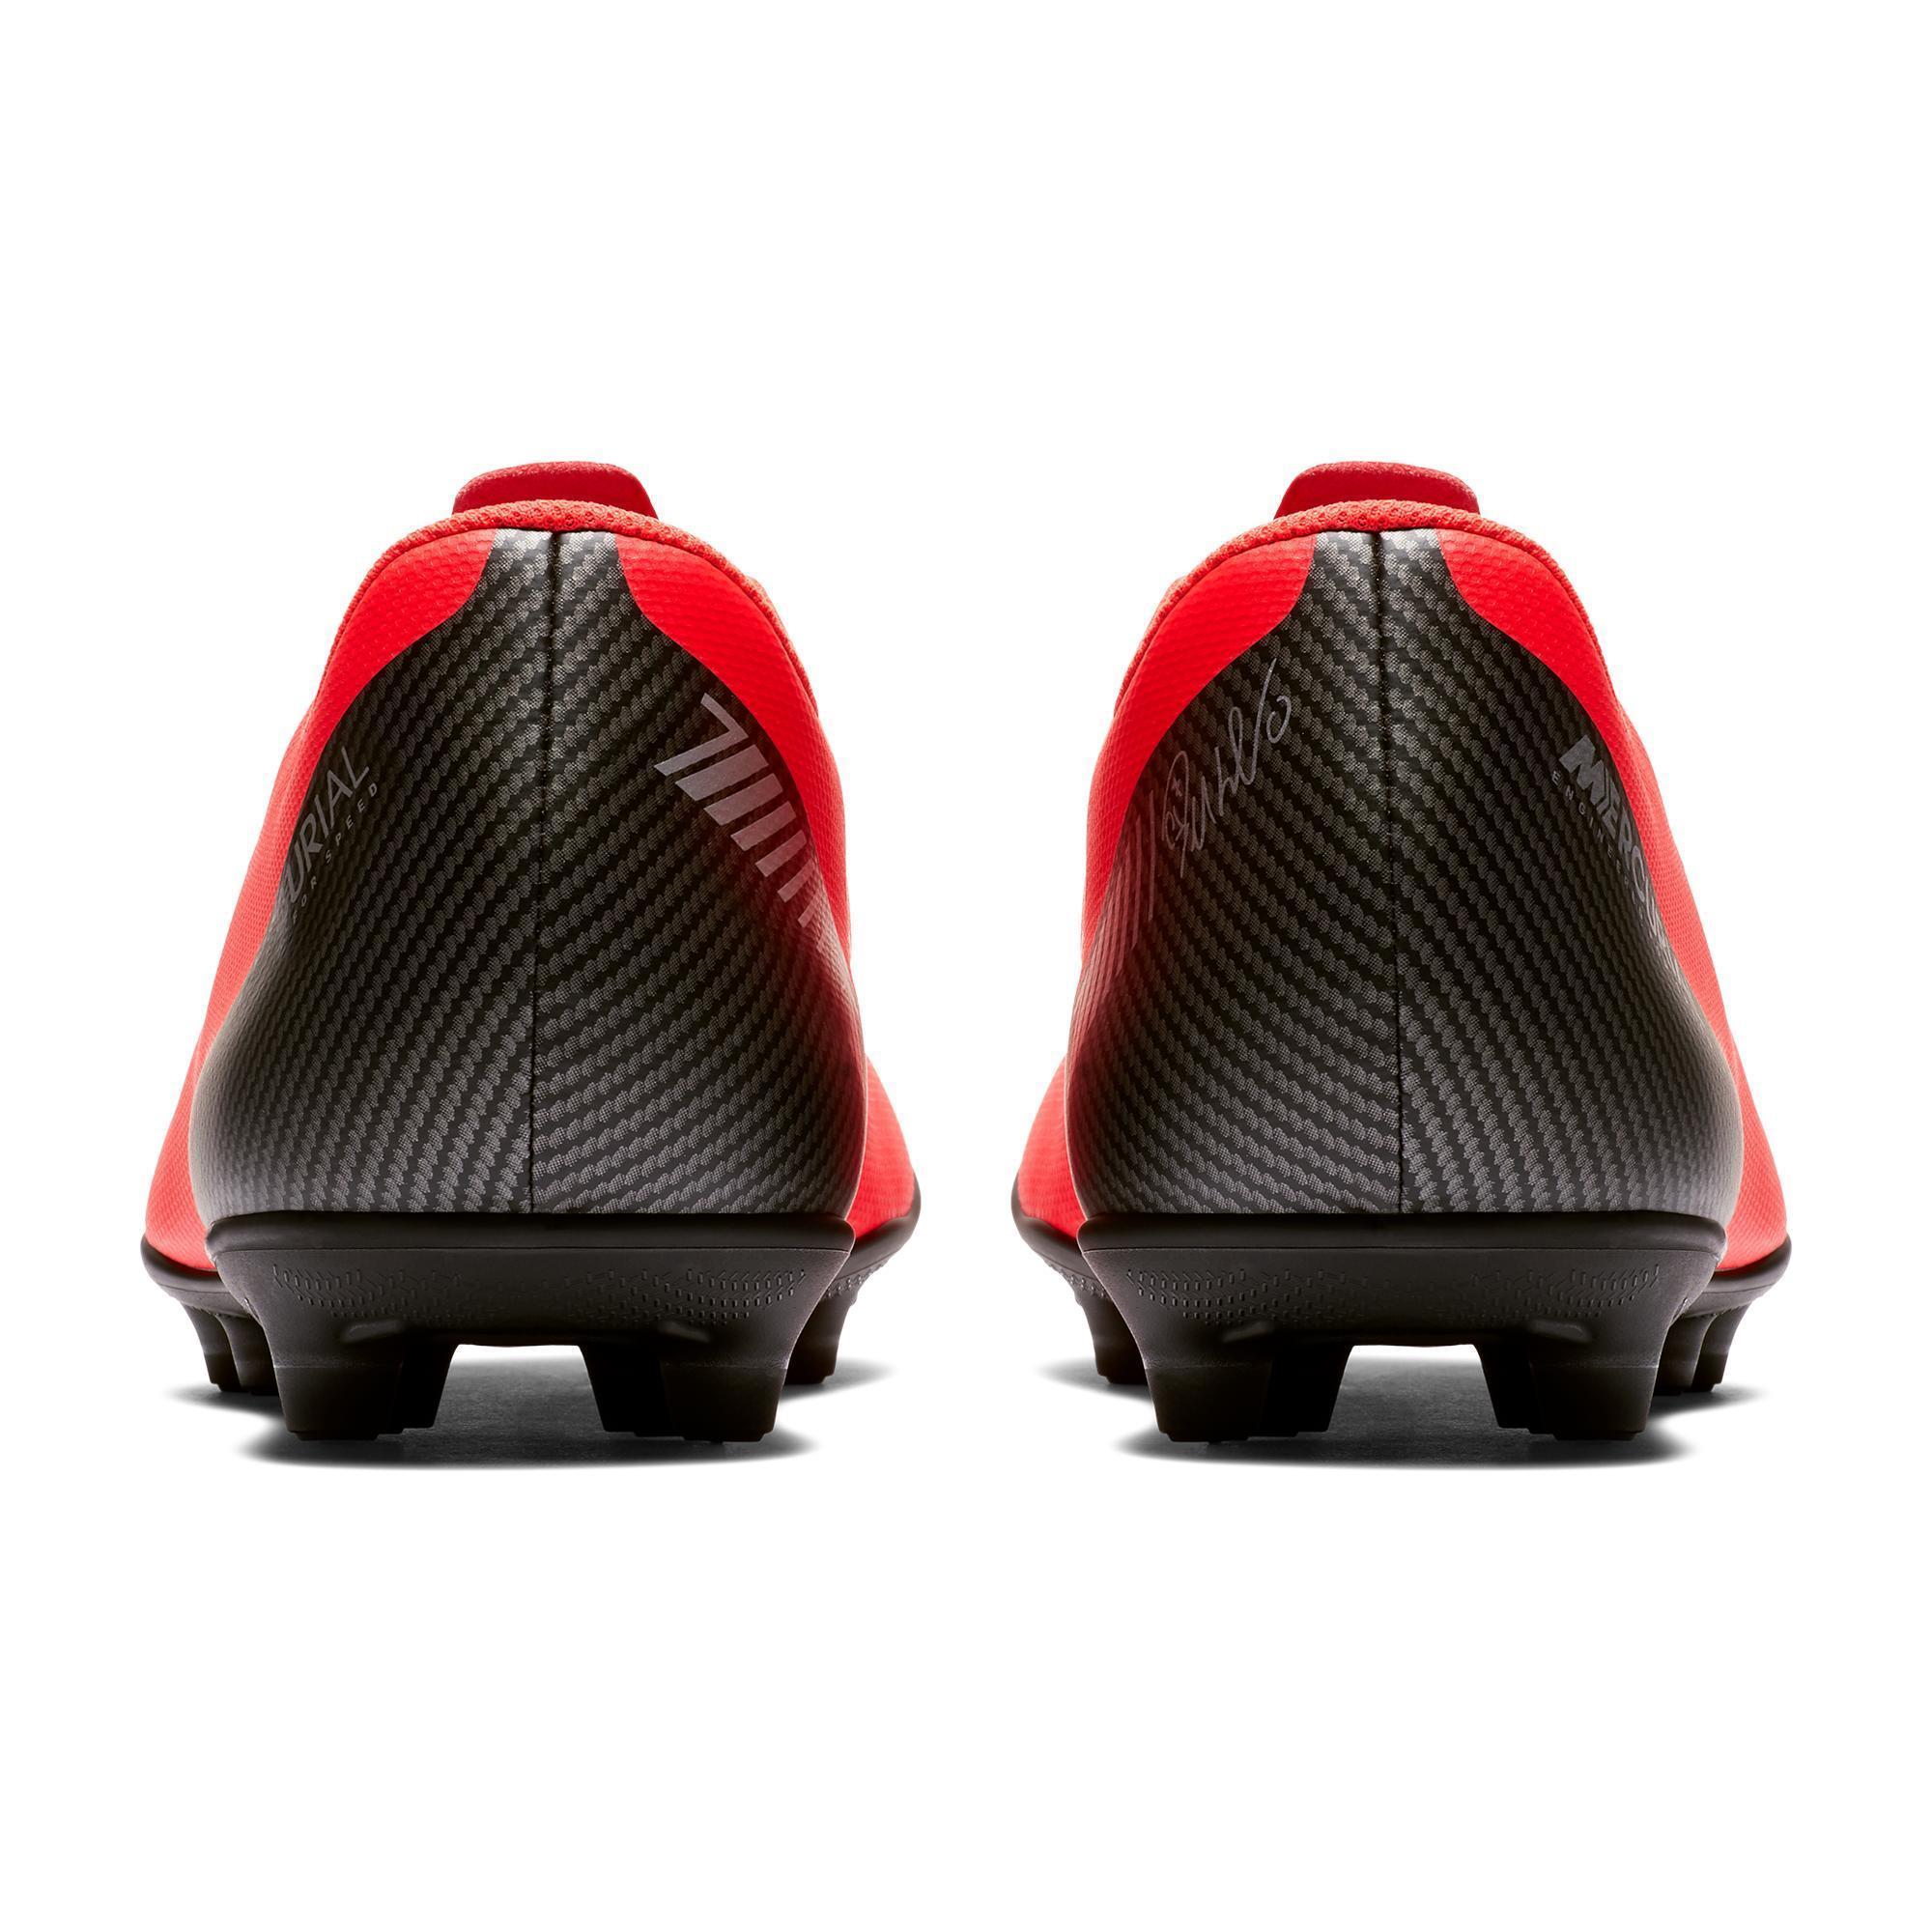 Botas Nike Vapor Cr7 Mercurial Mg De Fútbol Rojo Academy Xii Adultos  ErIxSwrHq 6cb40ccd8aee6